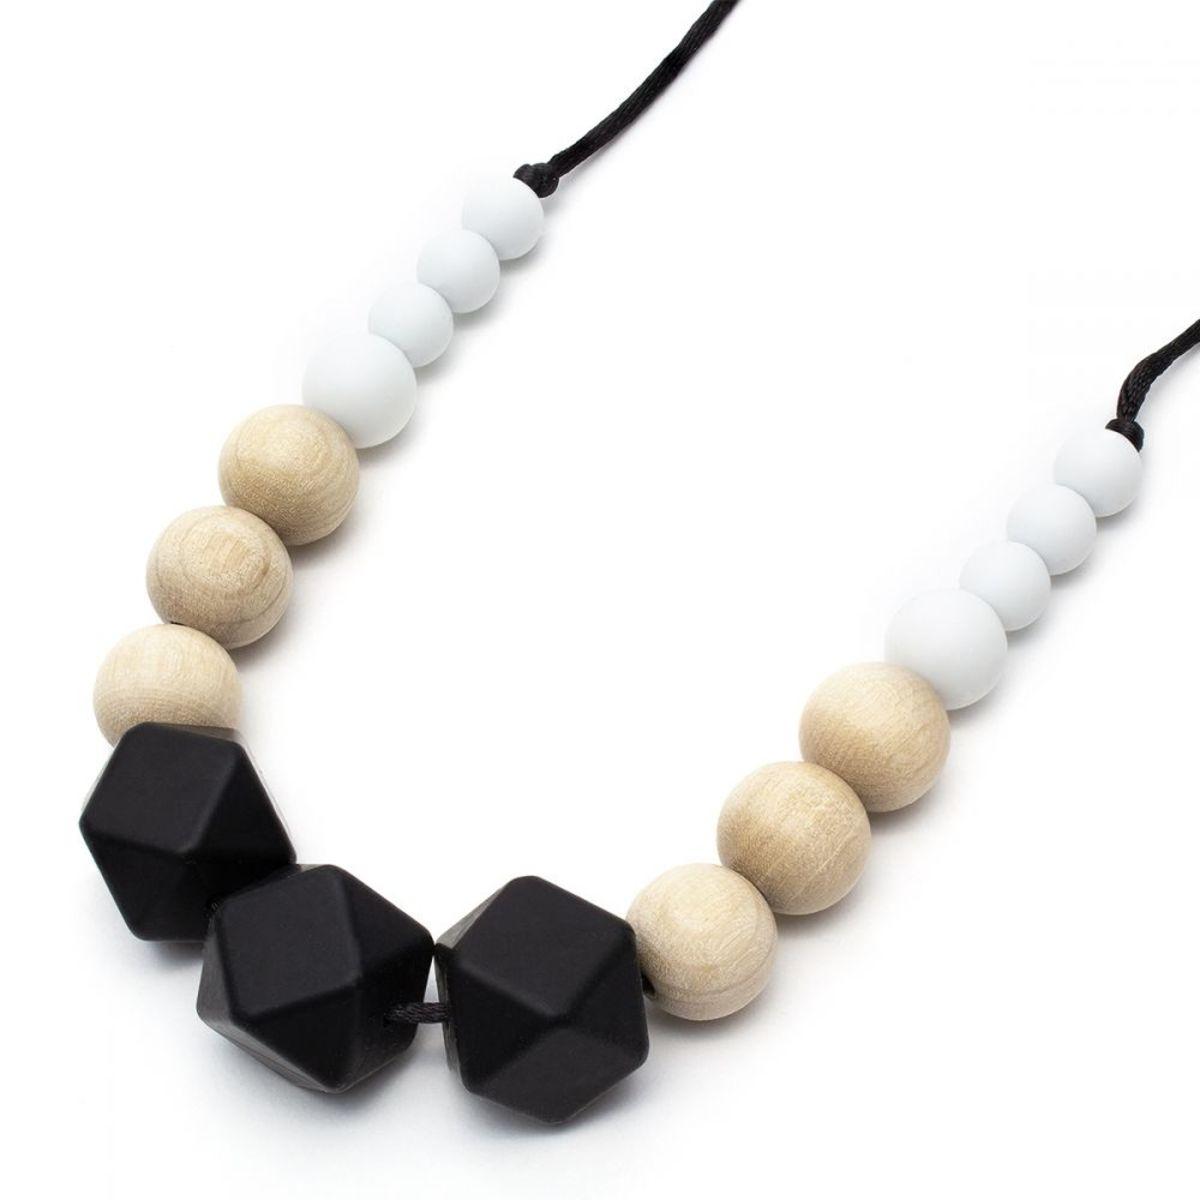 Silikónové dojčiace korále Audrey Silicone necklace